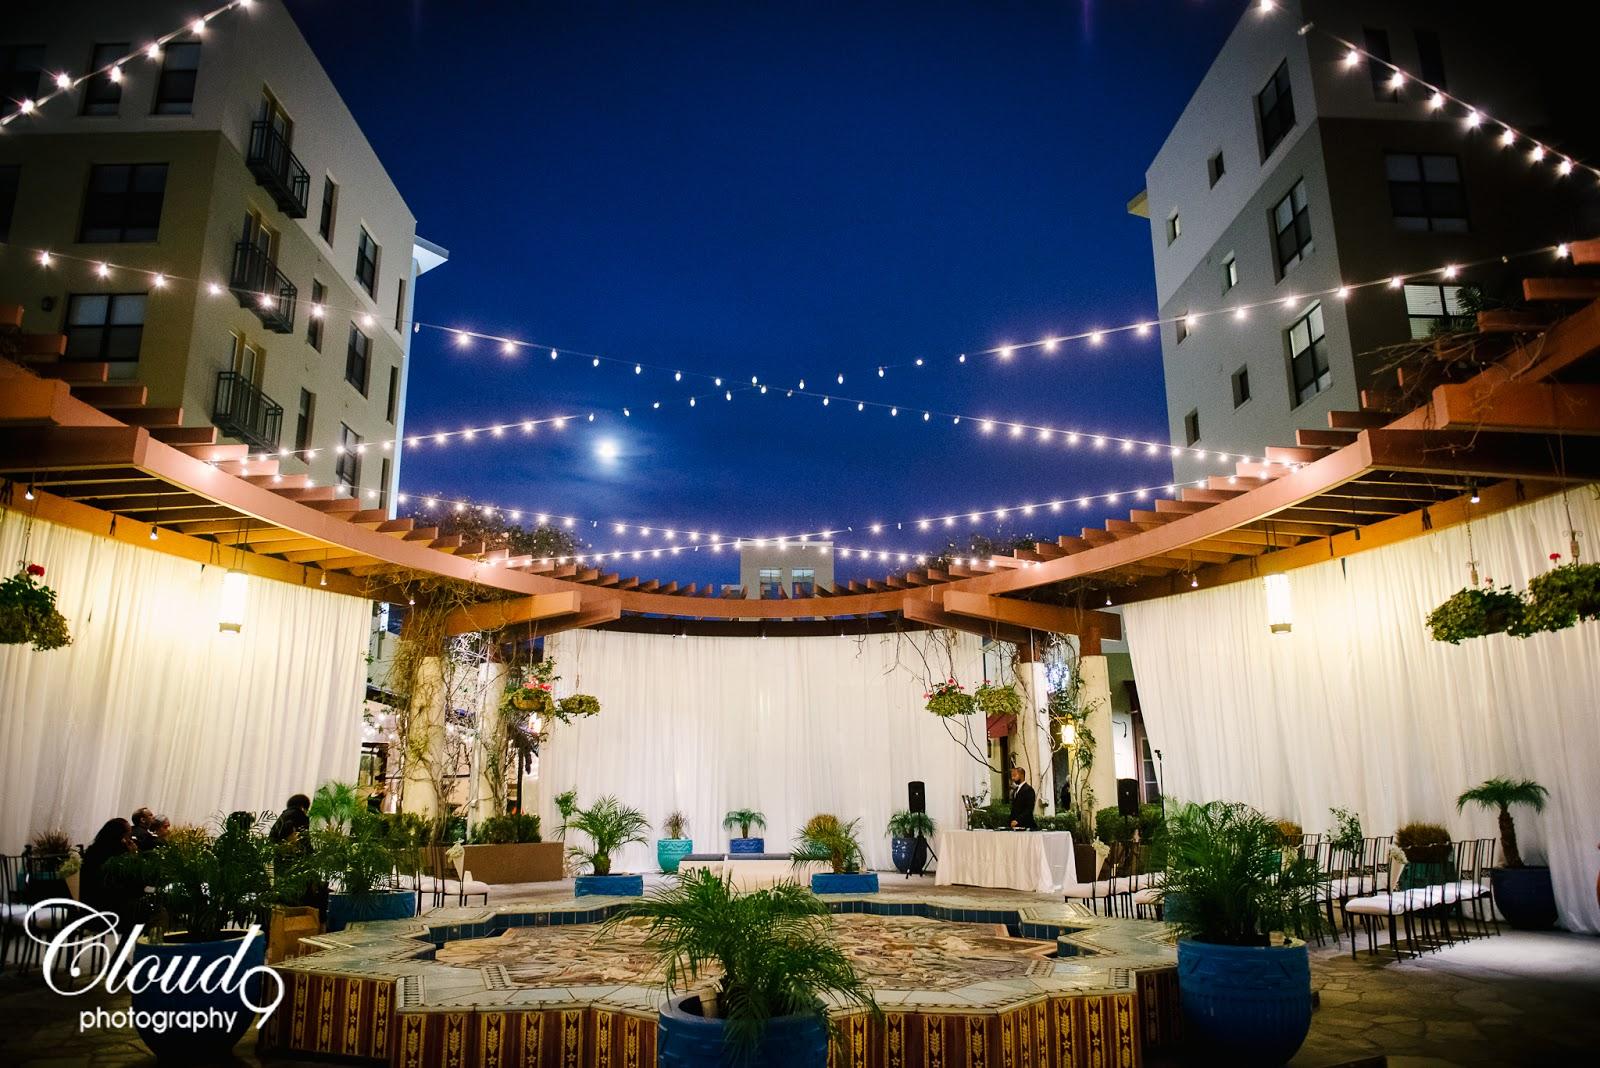 Cloud 9 Photography Noor Pasadena Night Wedding Photos Bride Groom Brea Los Angeles Orange County Photographer